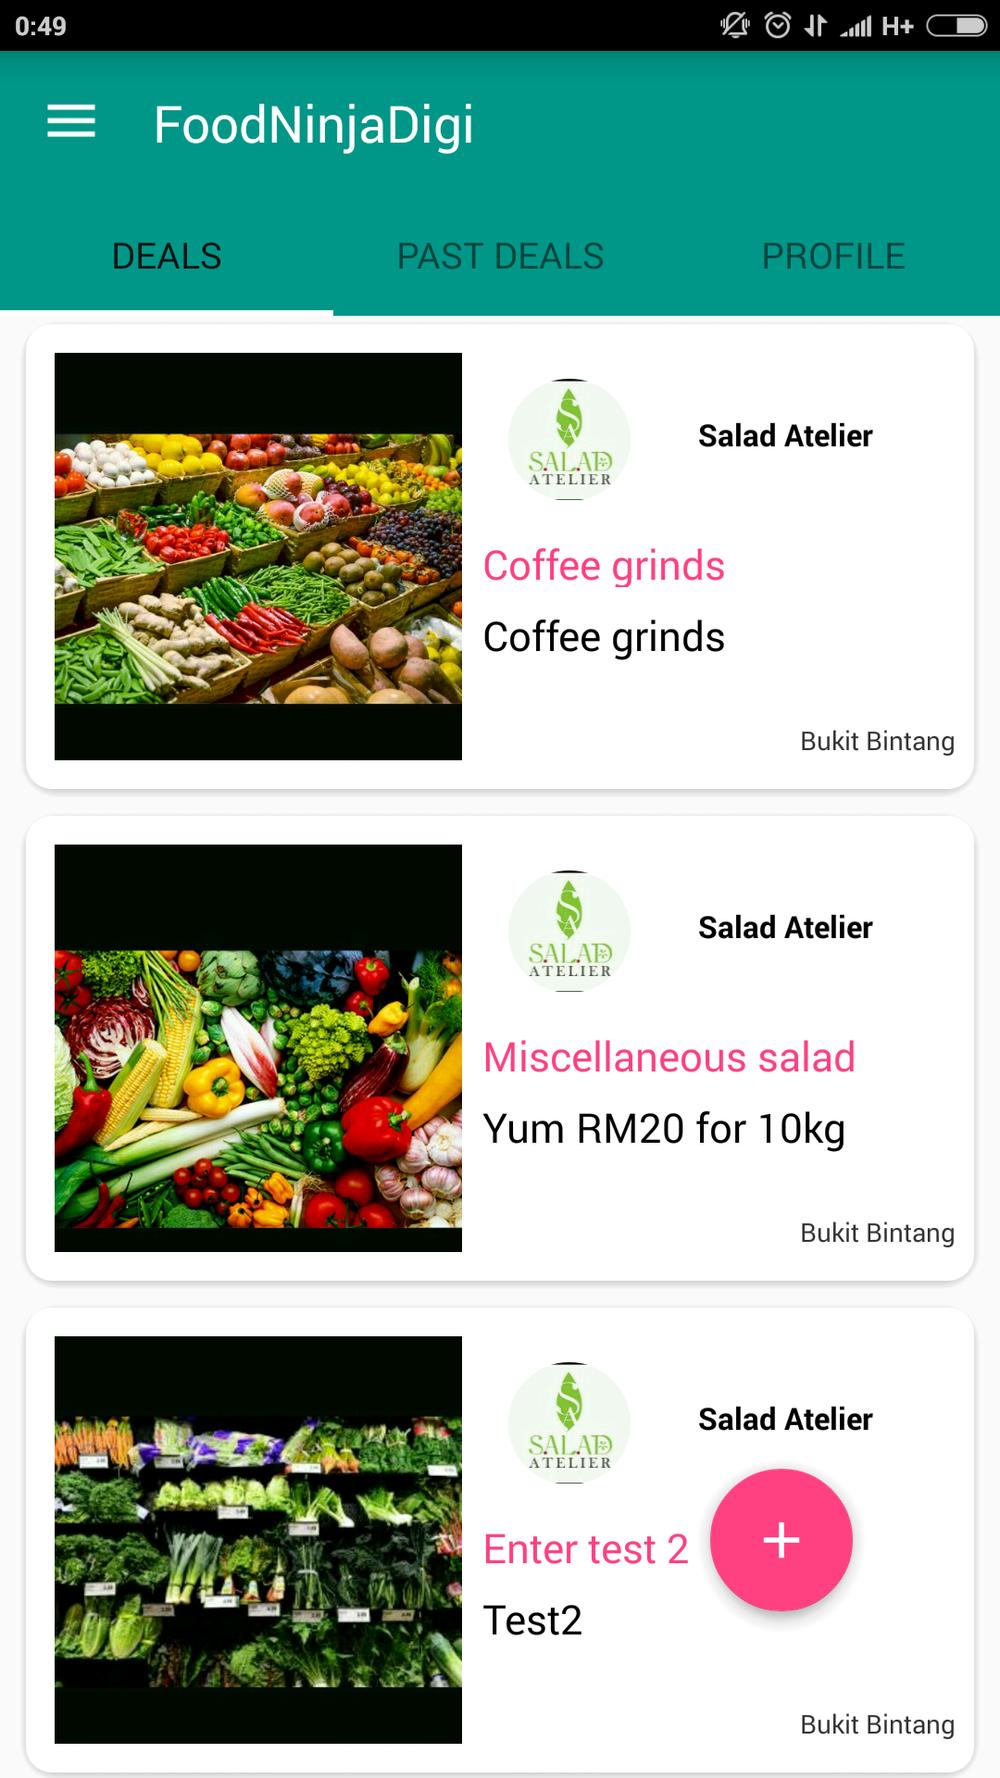 Screenshot_2016-10-20-00-49-33_qjk.qamra.fndigi.foodninjadigi (1).png